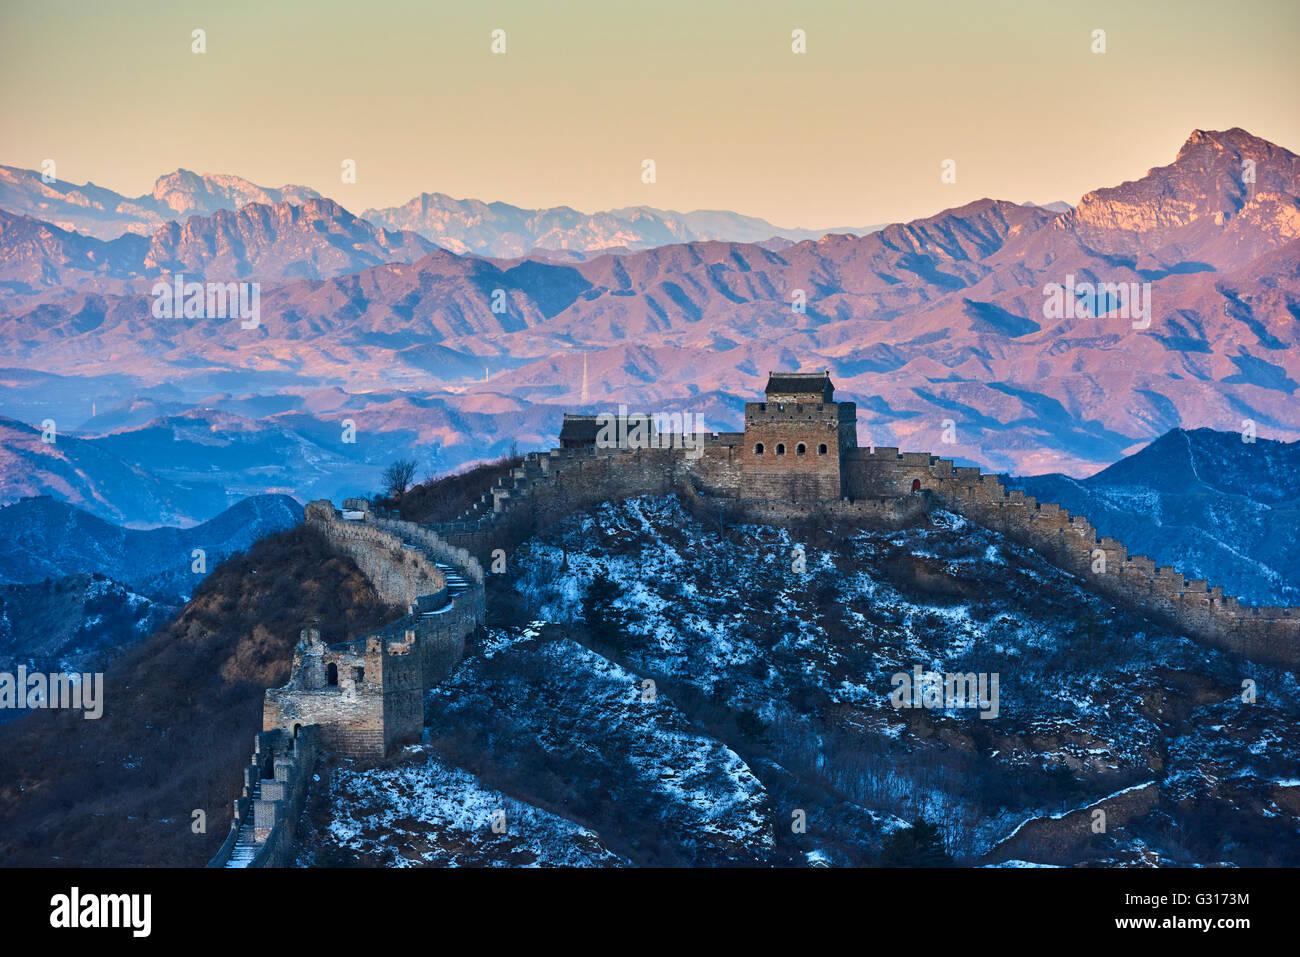 China, en la provincia de Hebei, la Gran Muralla de China, tour caminando Jinshanling y Simatai section, Patrimonio Imagen De Stock